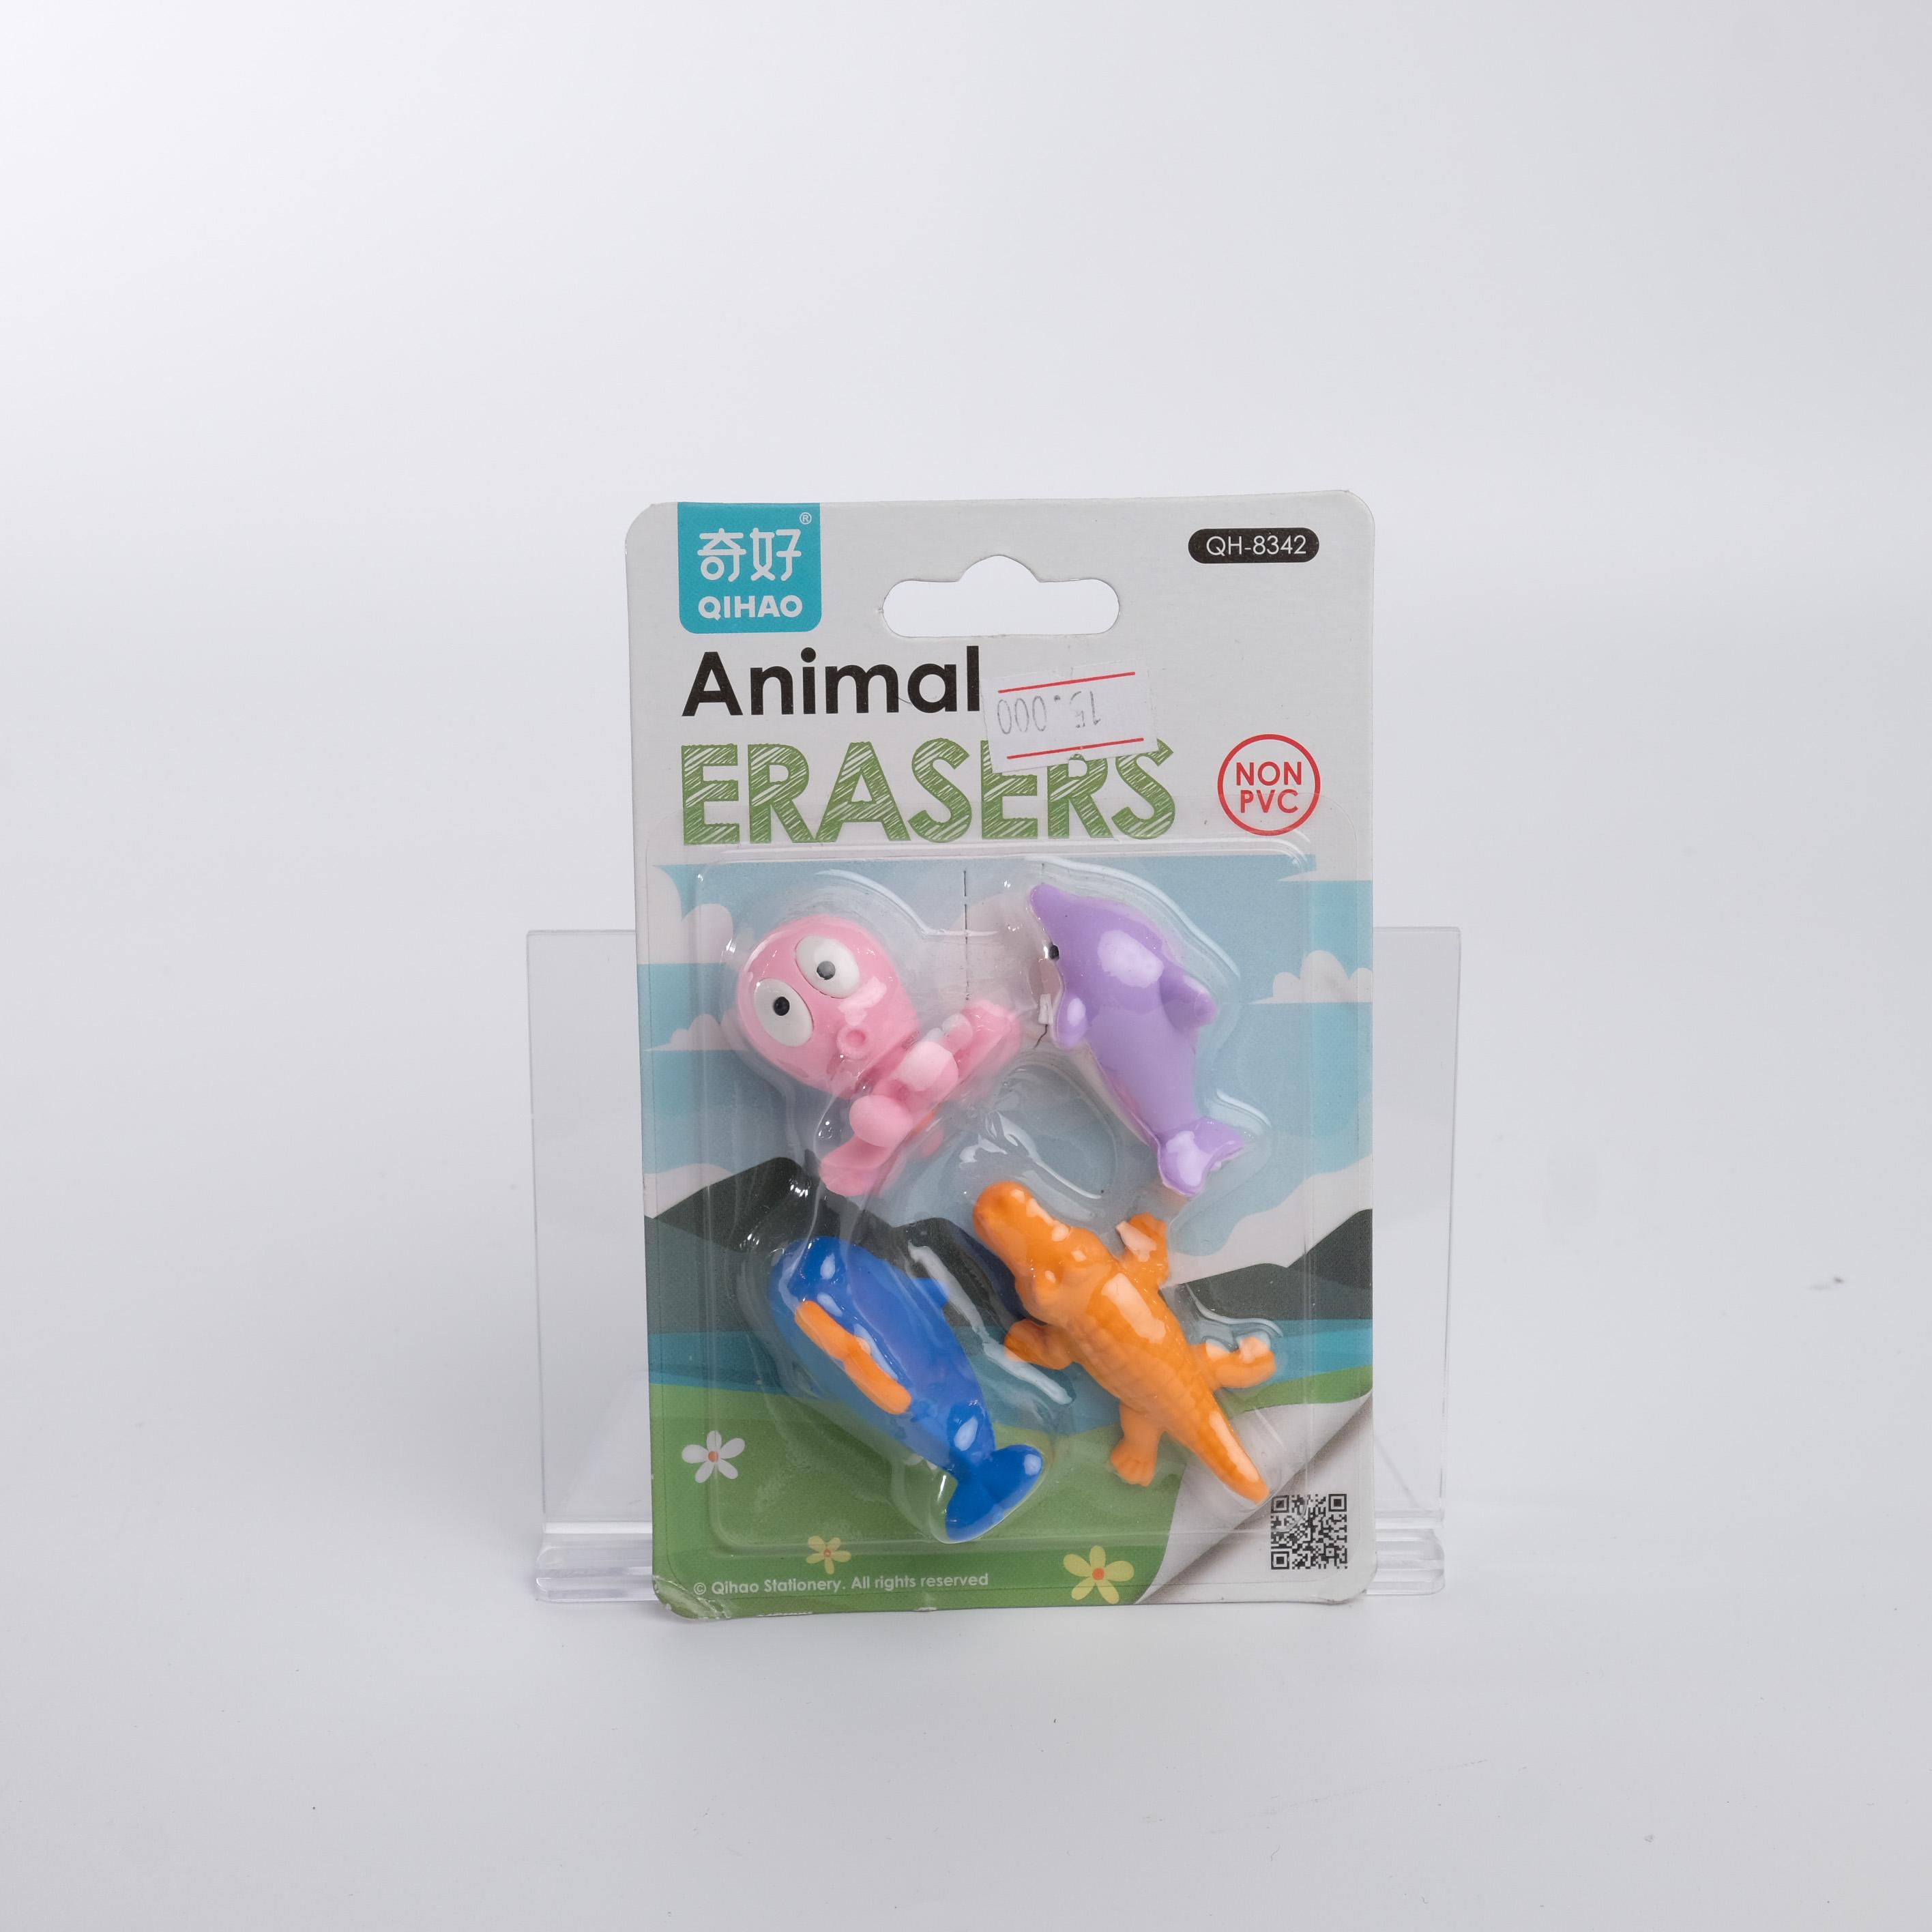 Vỉ tẩy Animal QH-8342